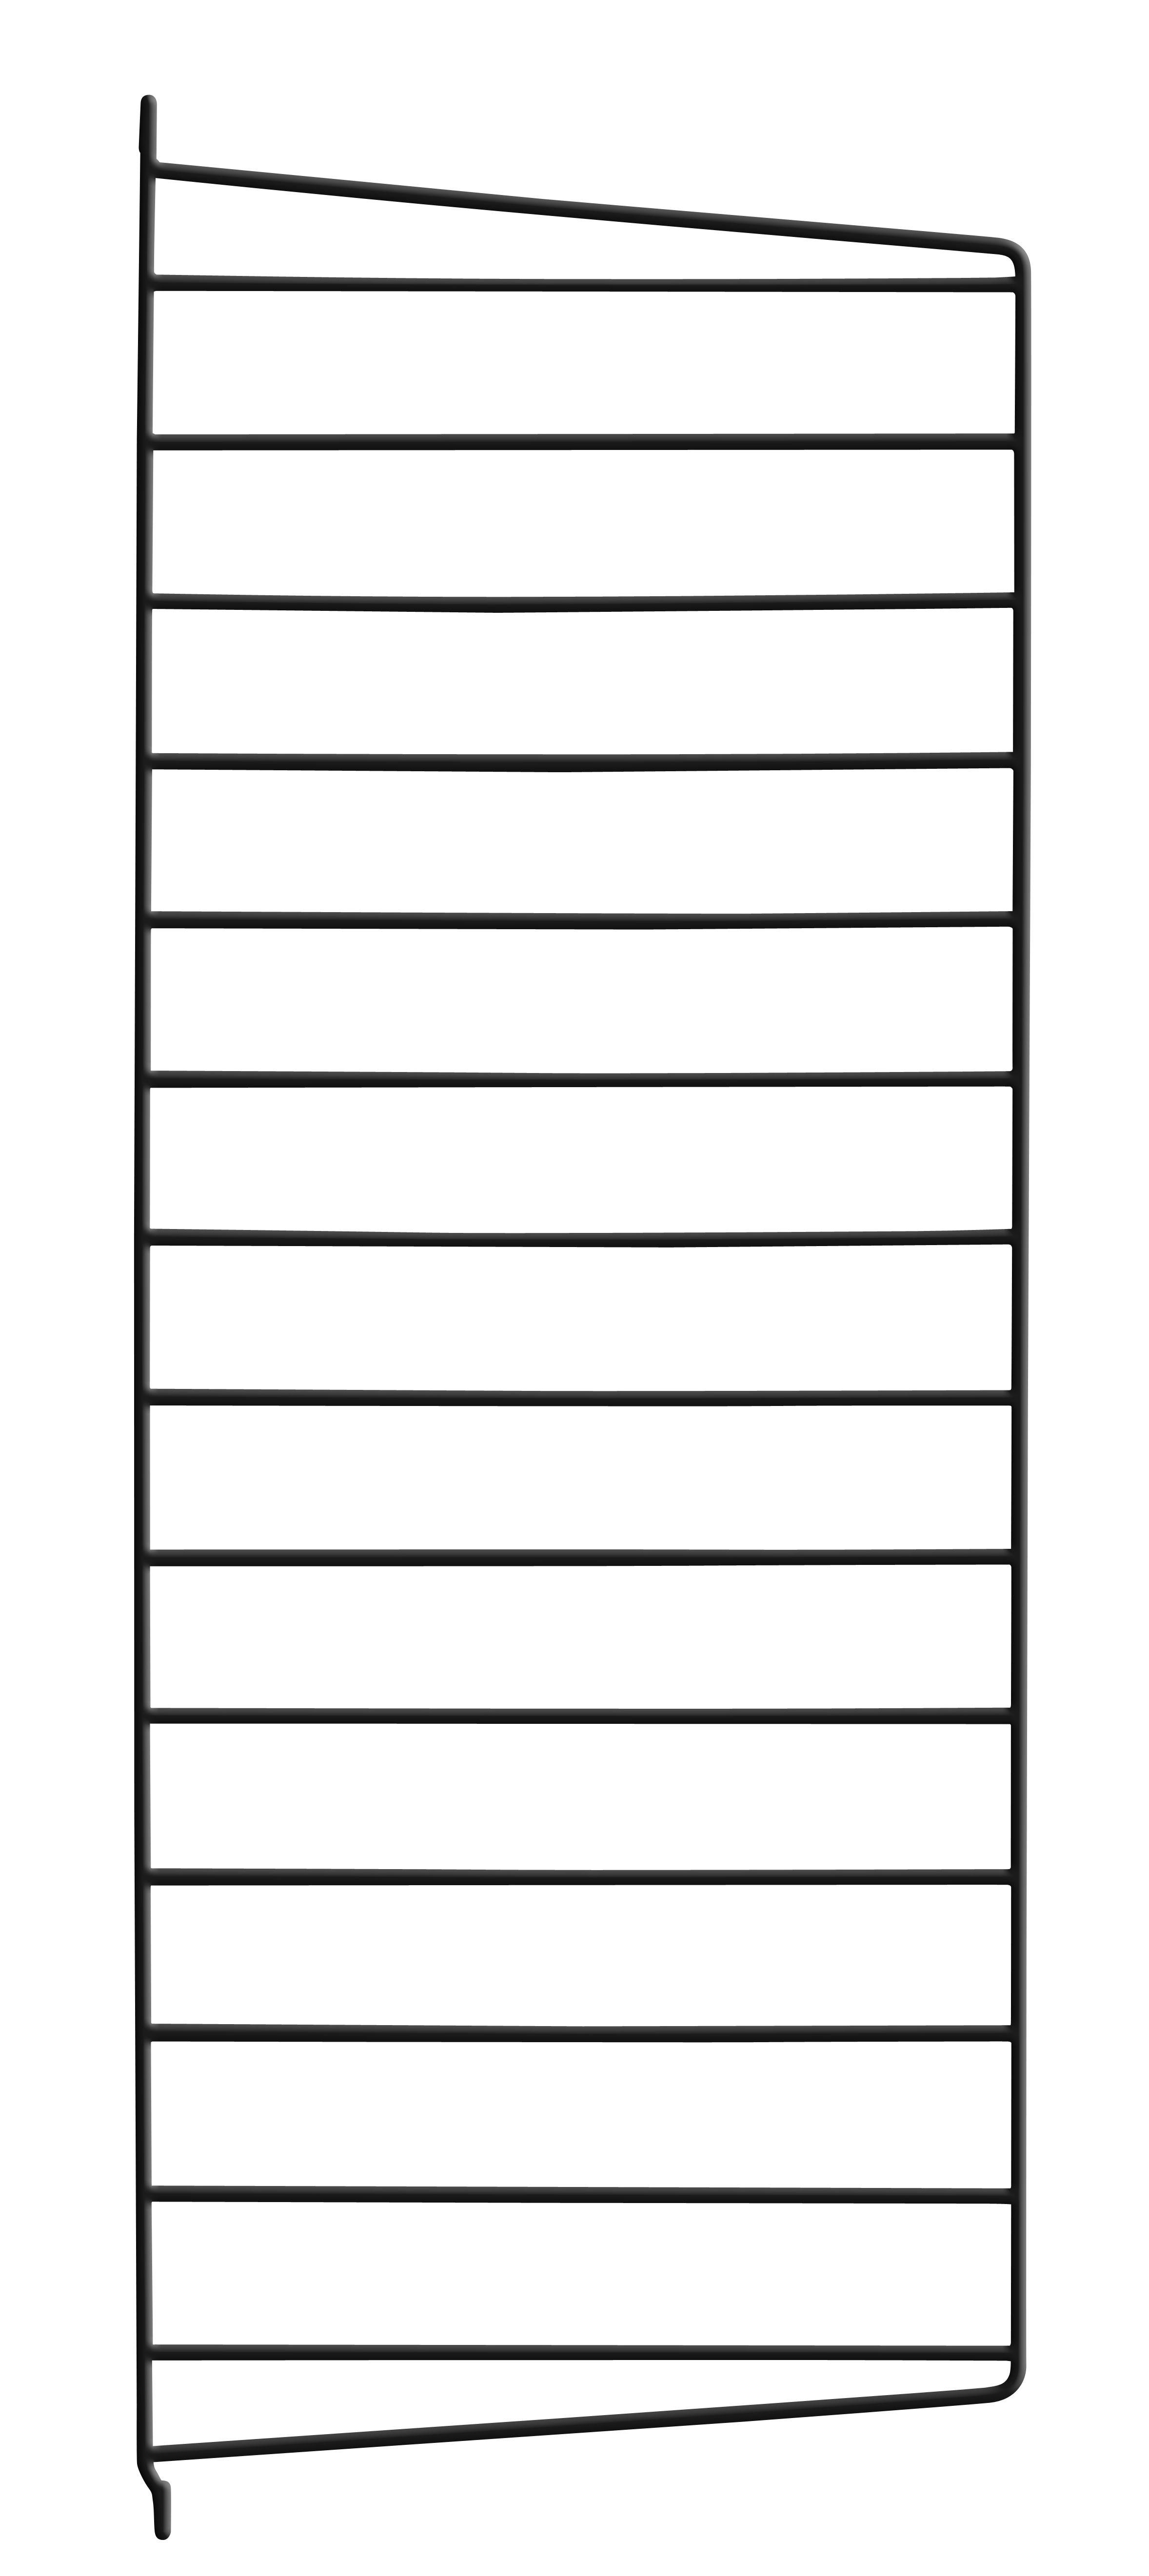 Möbel - Regale und Bücherregale - String system Wandhalterung / zur Wandbefestigung - String Furniture - Schwarz - lackierter Stahl